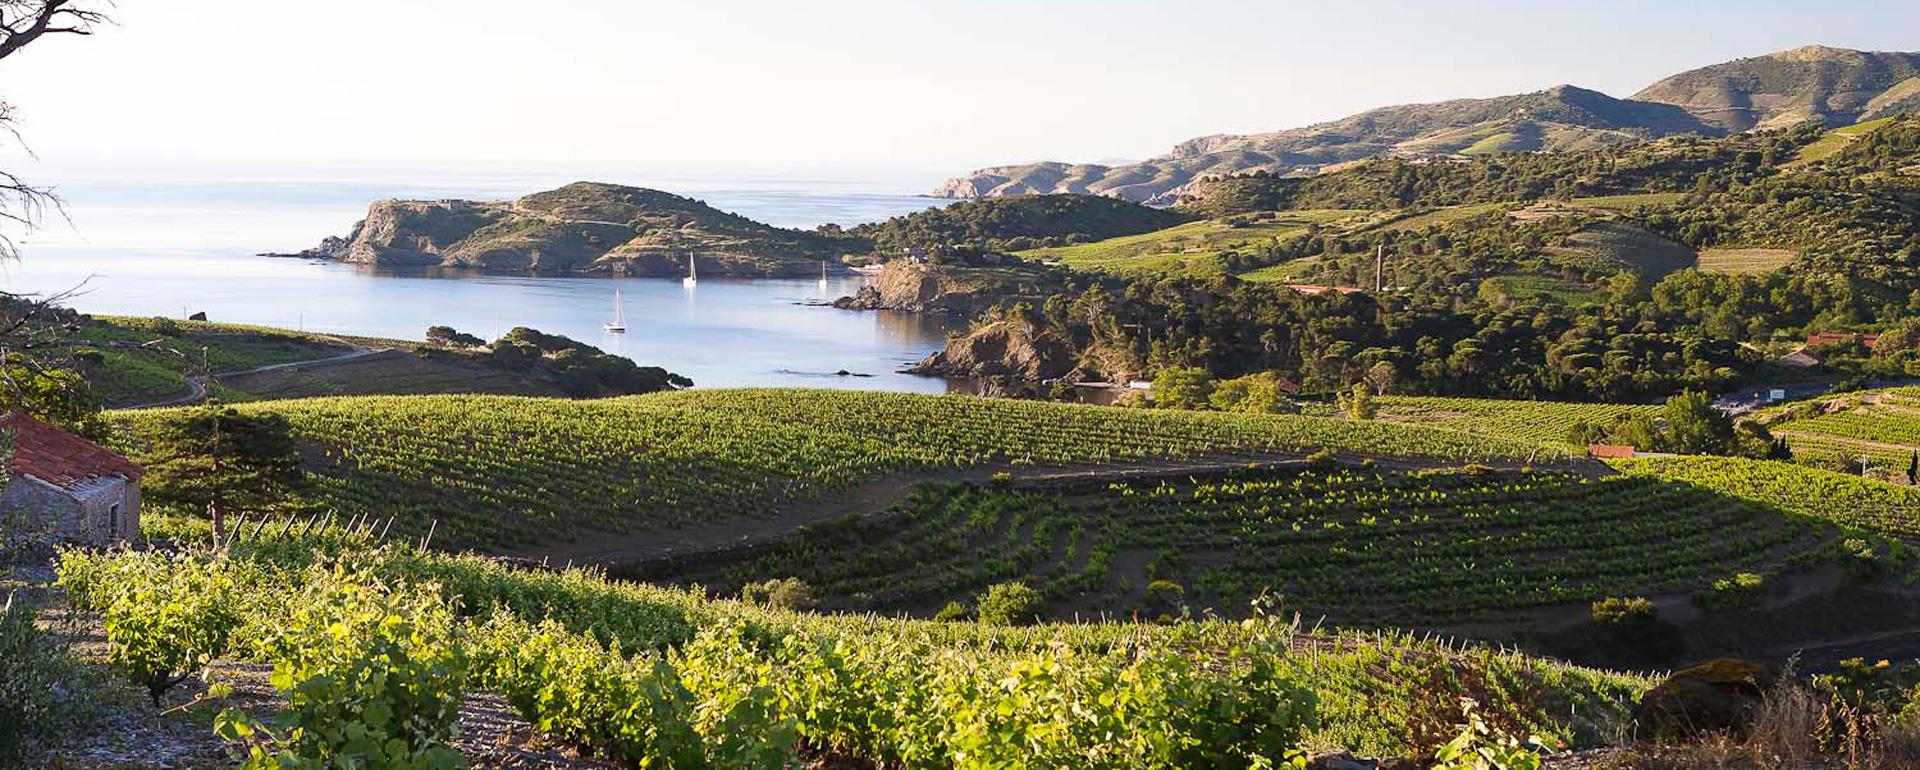 Vignobles du Roussillon - Collioure - Pyrénées-Orientales